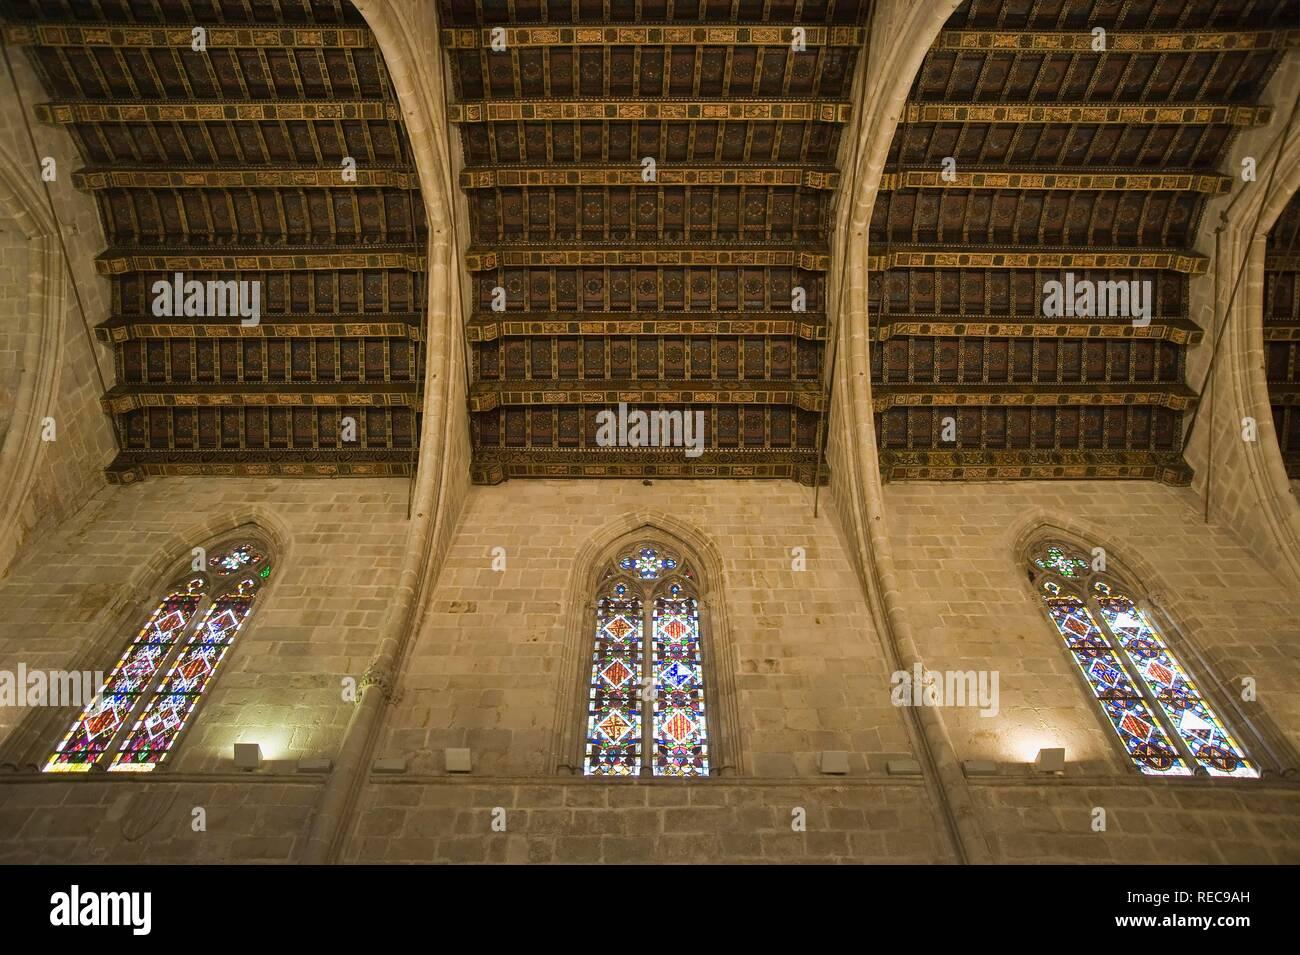 Museu d'Historia de la Ciutat, City History Museum, Capella Reial de Santa Agata in the Palau Reial Major, Barcelona, Catalonia - Stock Image